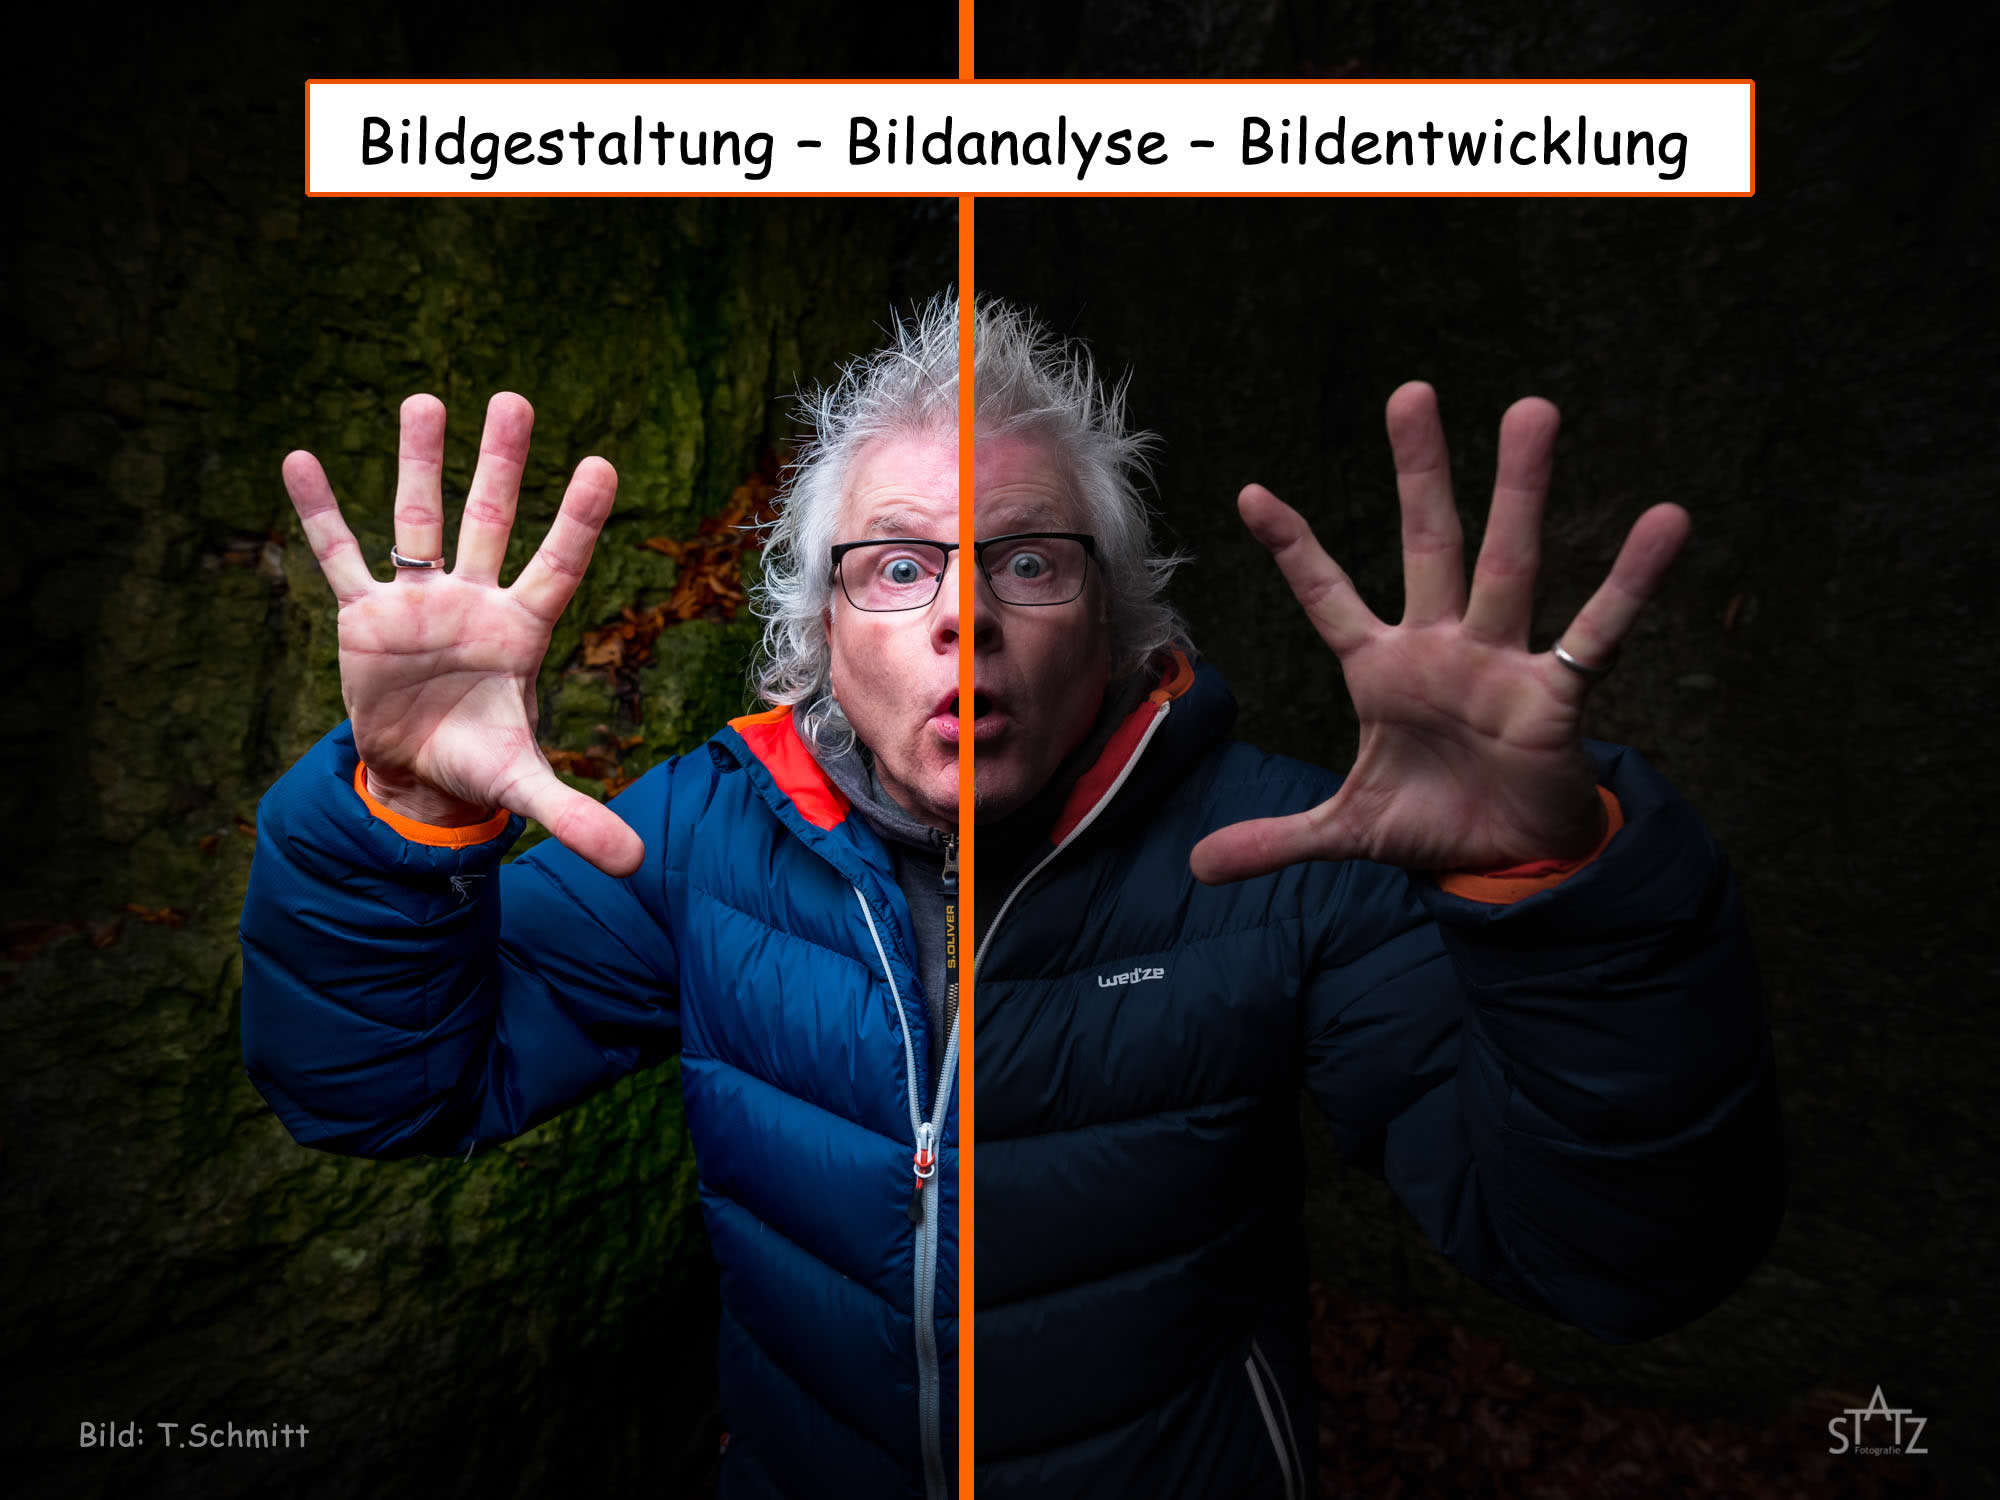 Statz Fotografie - fränkische Schweiz -Bildfinale